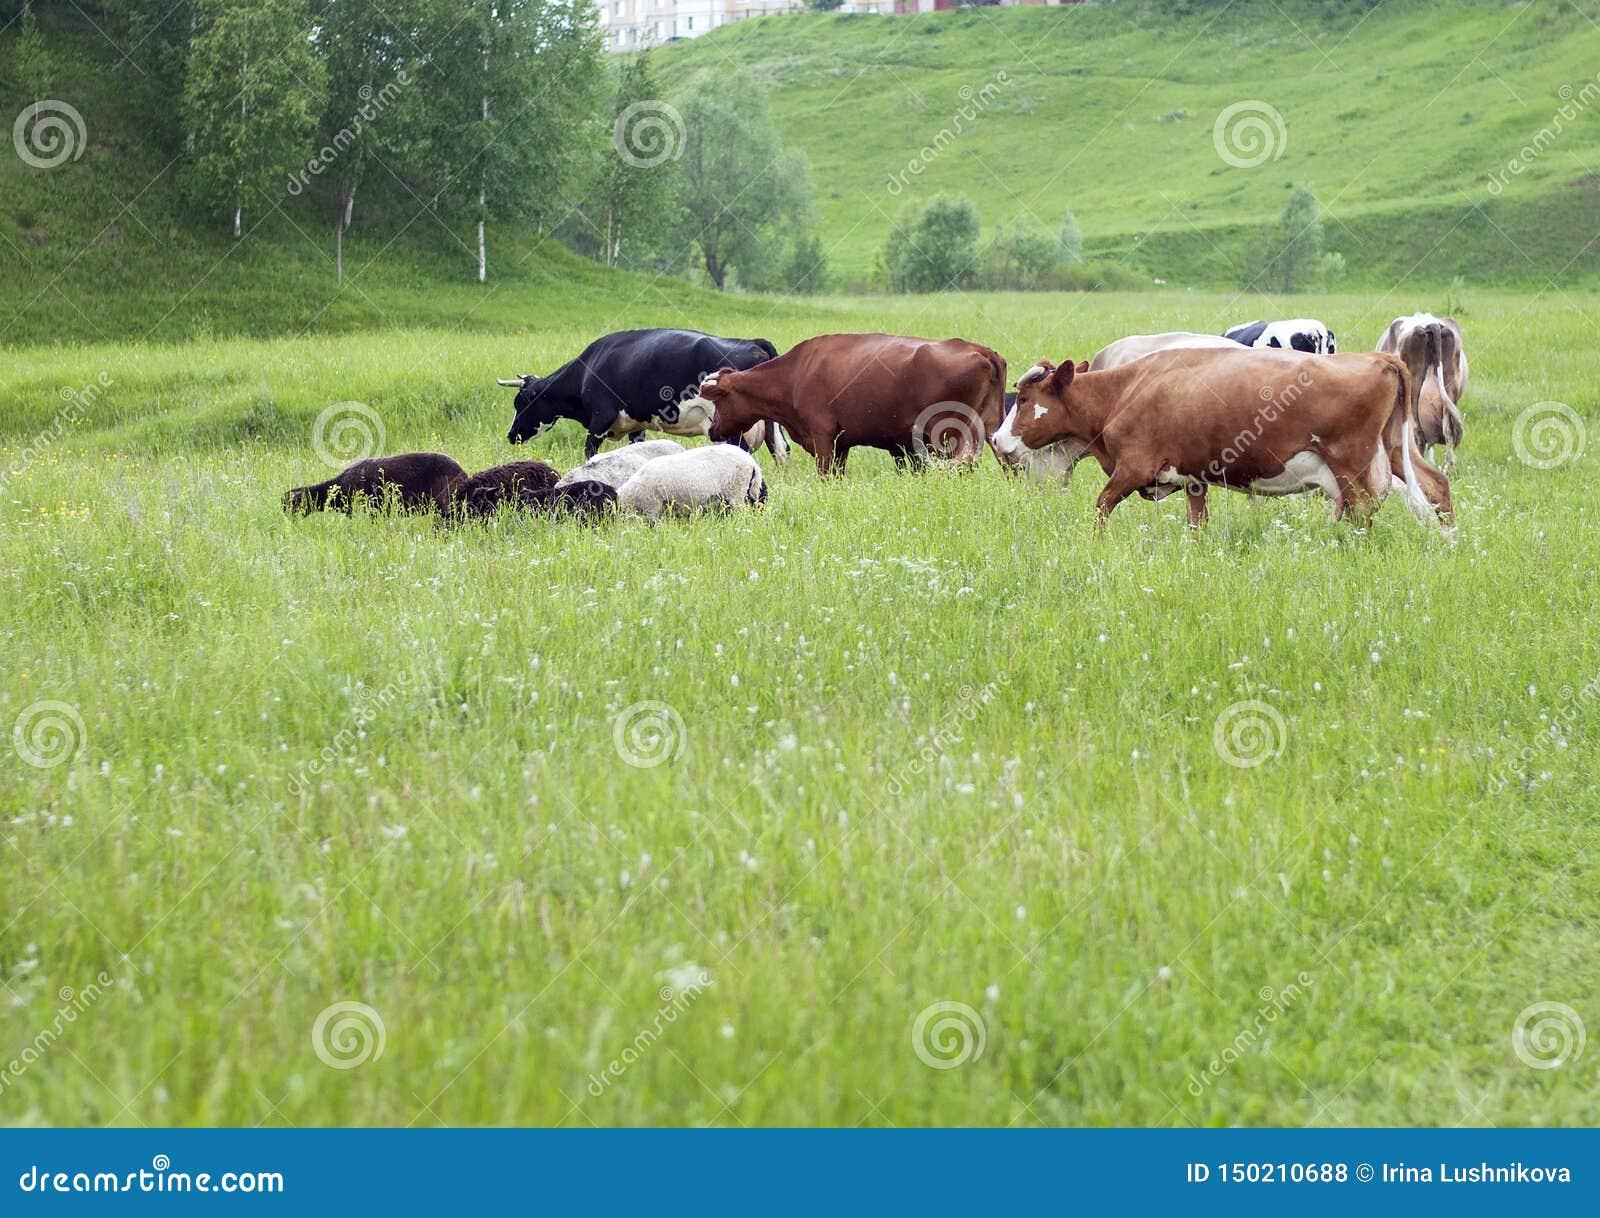 Eine Herde von Kühen und Schafe lassen in der Wiese weiden